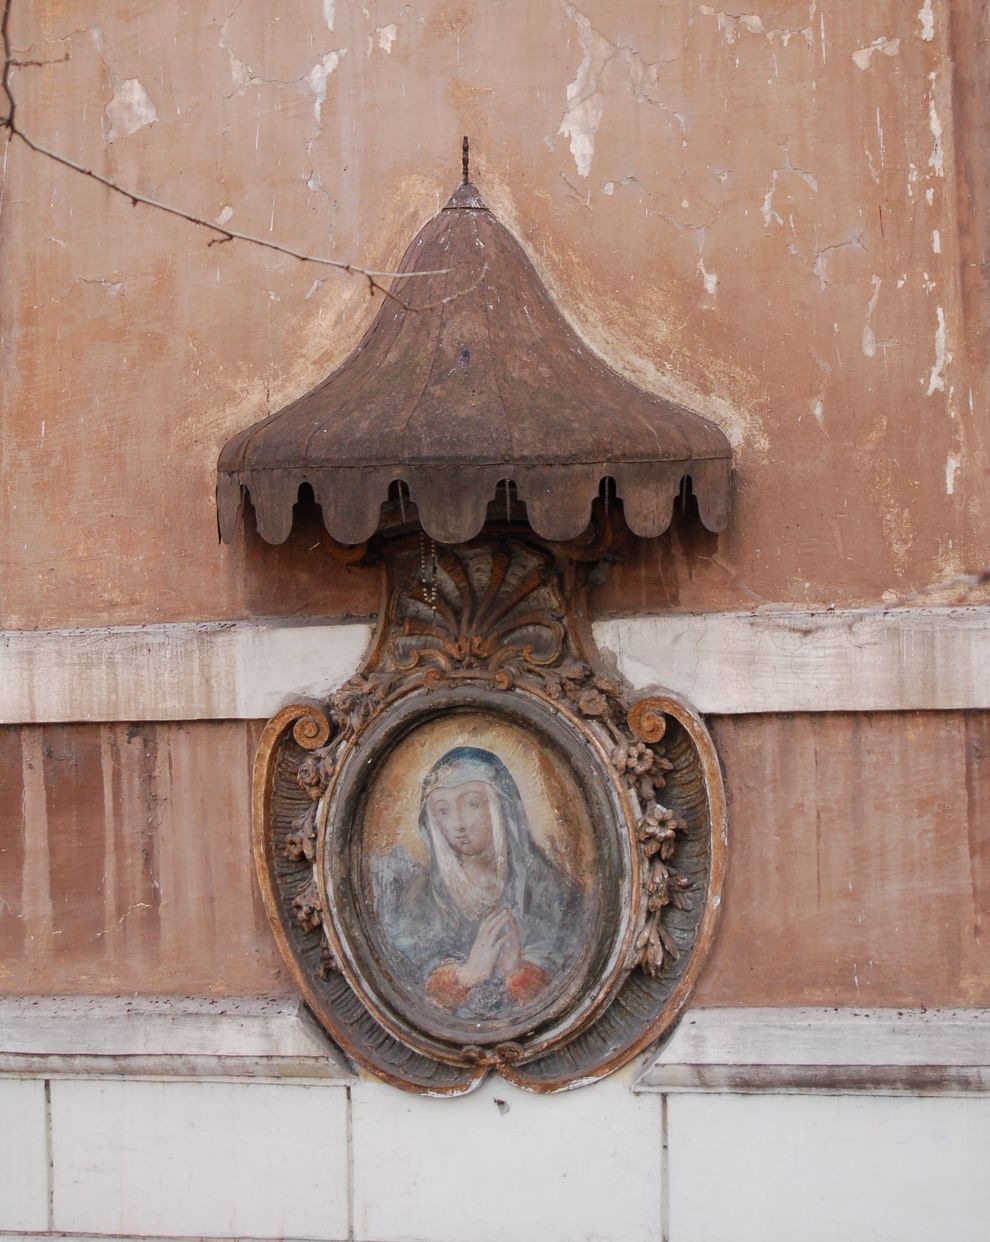 a na rogu każdej kamienicy obraz Matki Boskiej … Rzymski slow travel!